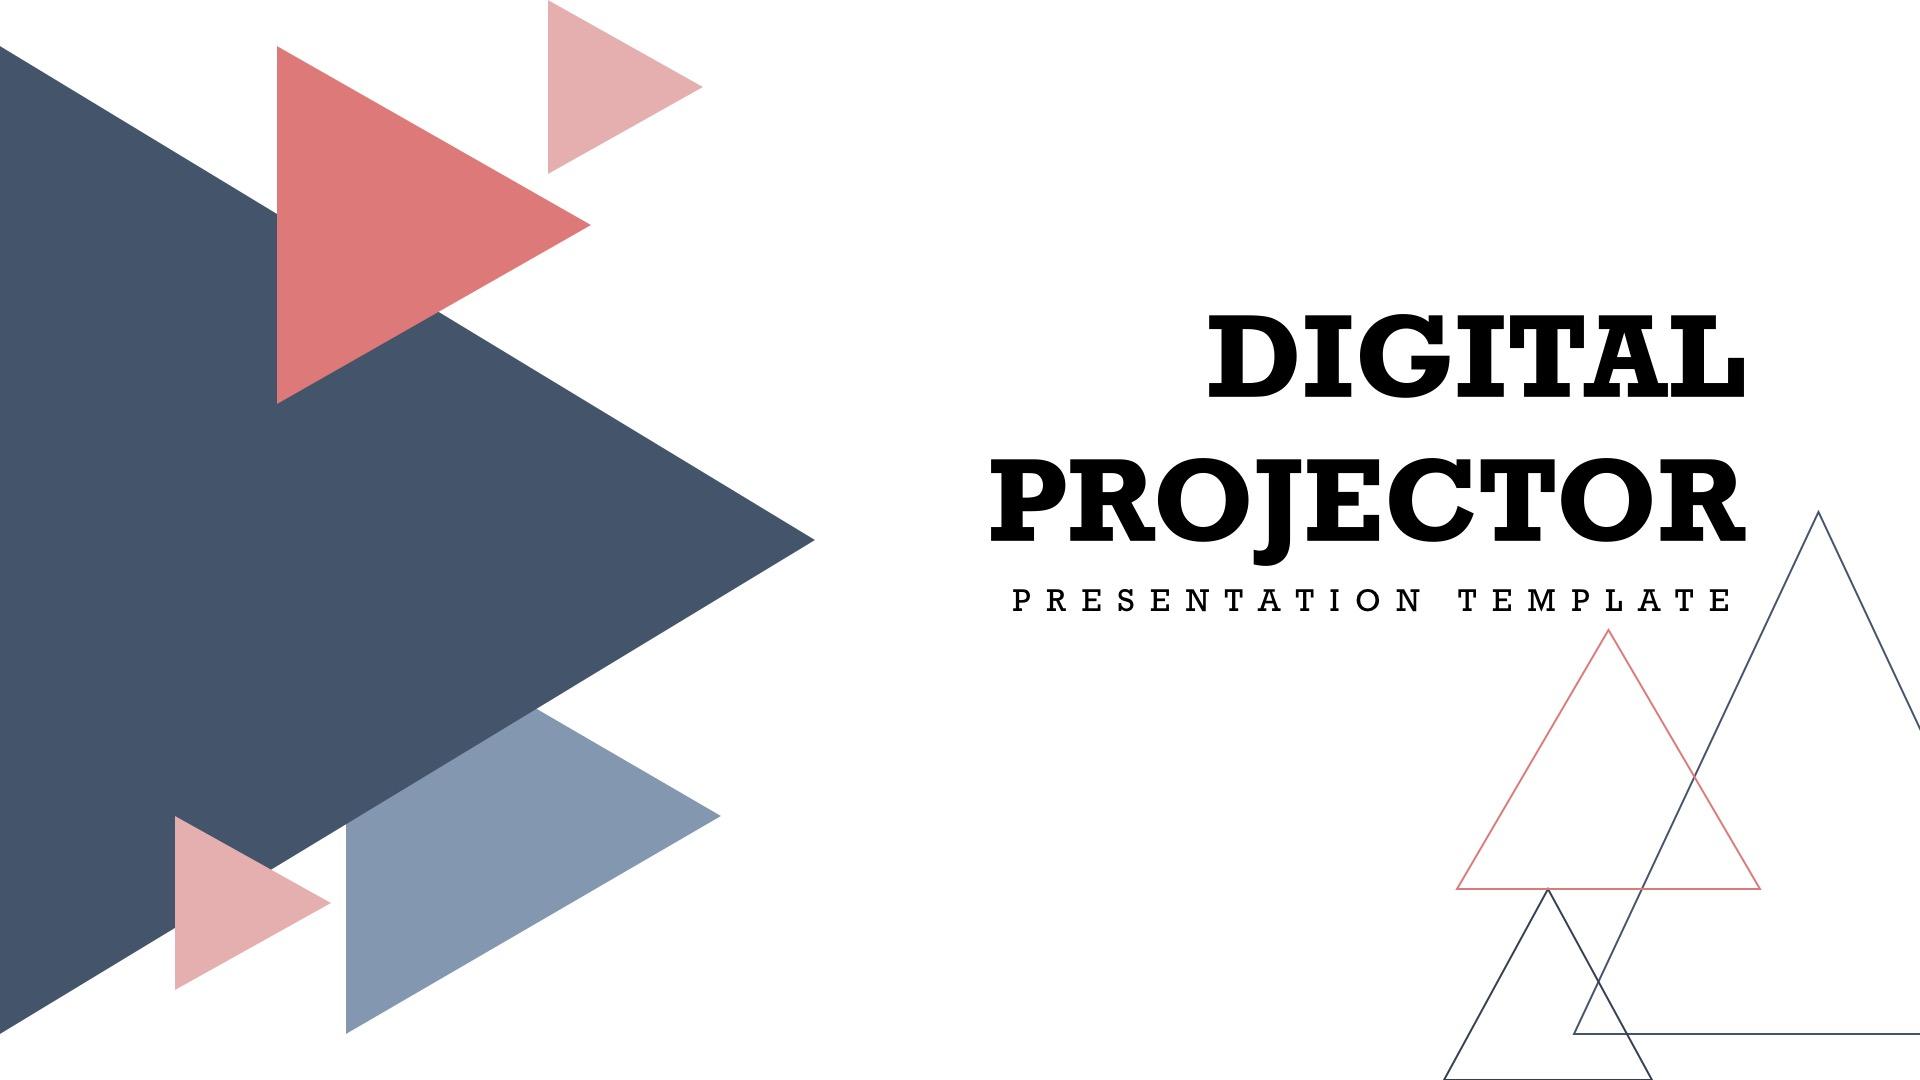 Digital Projector Google Slides